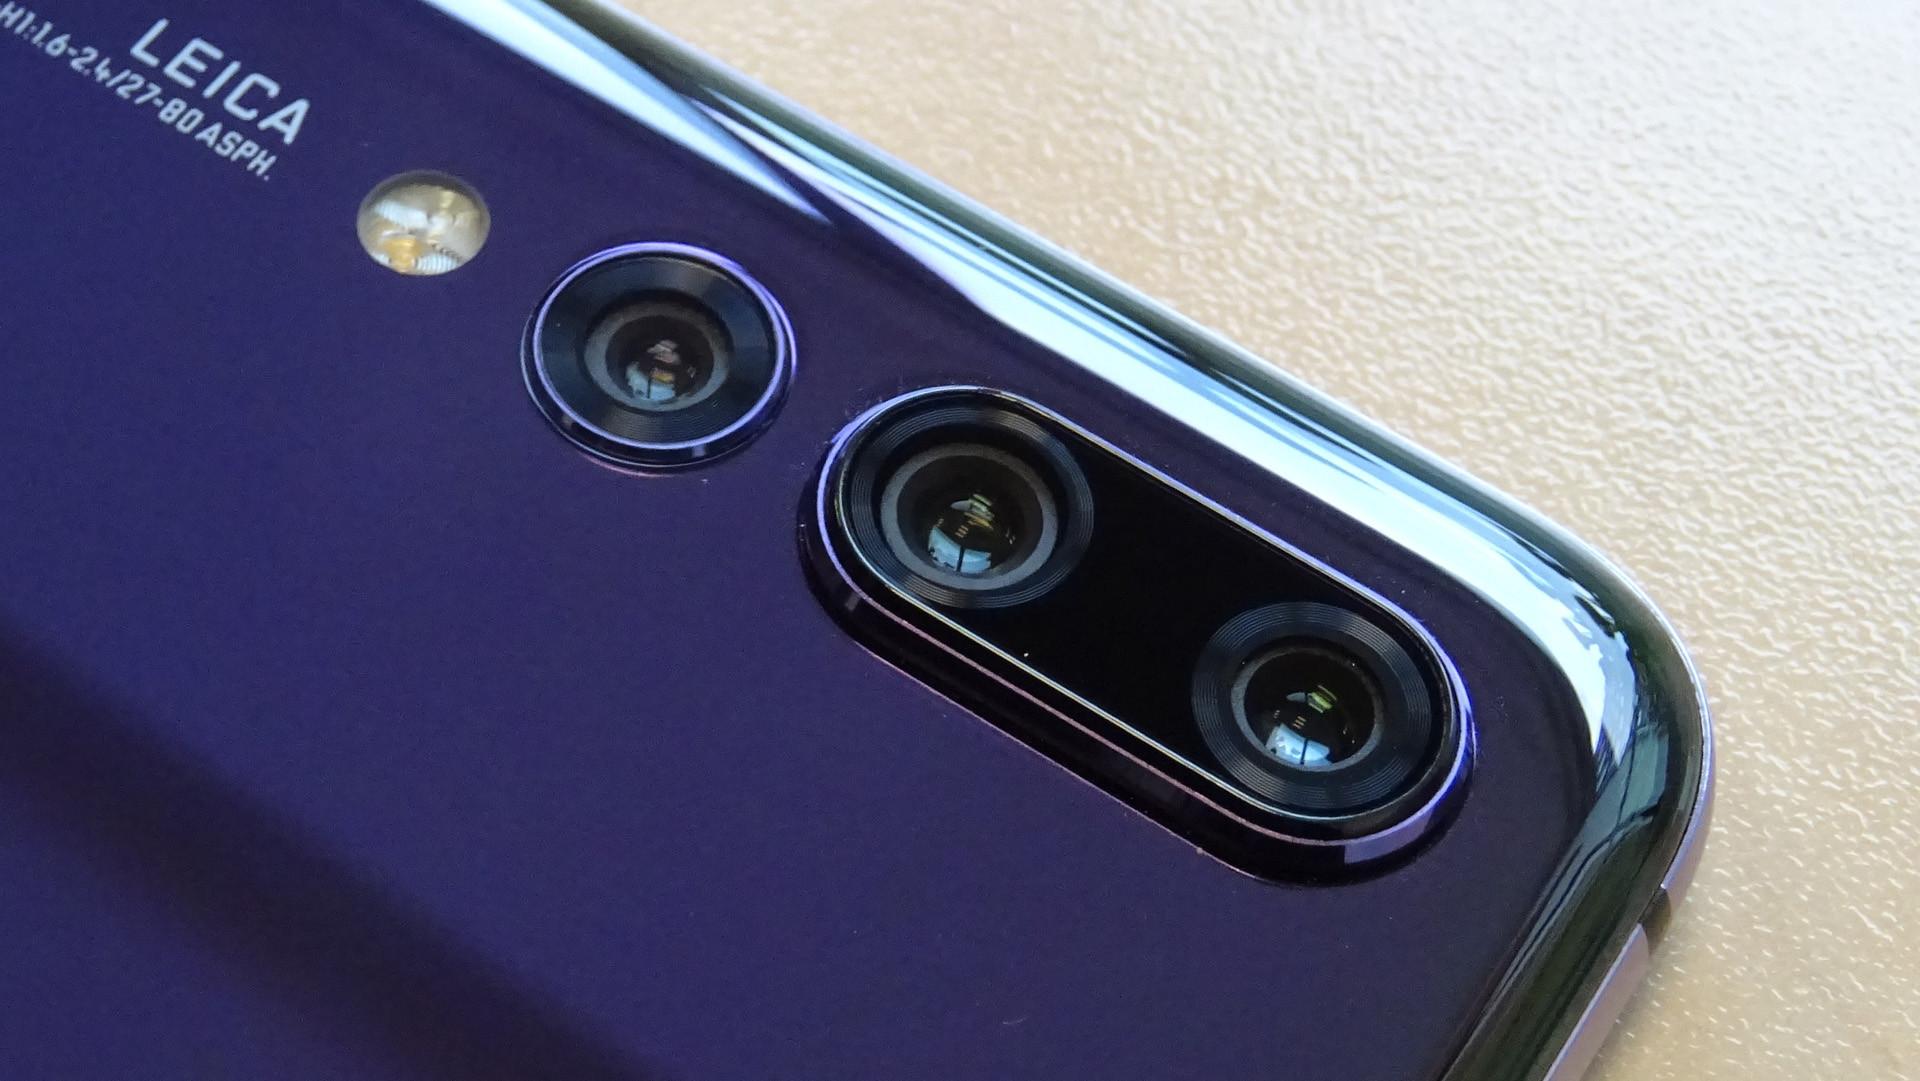 Huawei P20 Pro İle Çekilmiş Etkileyici Resimler